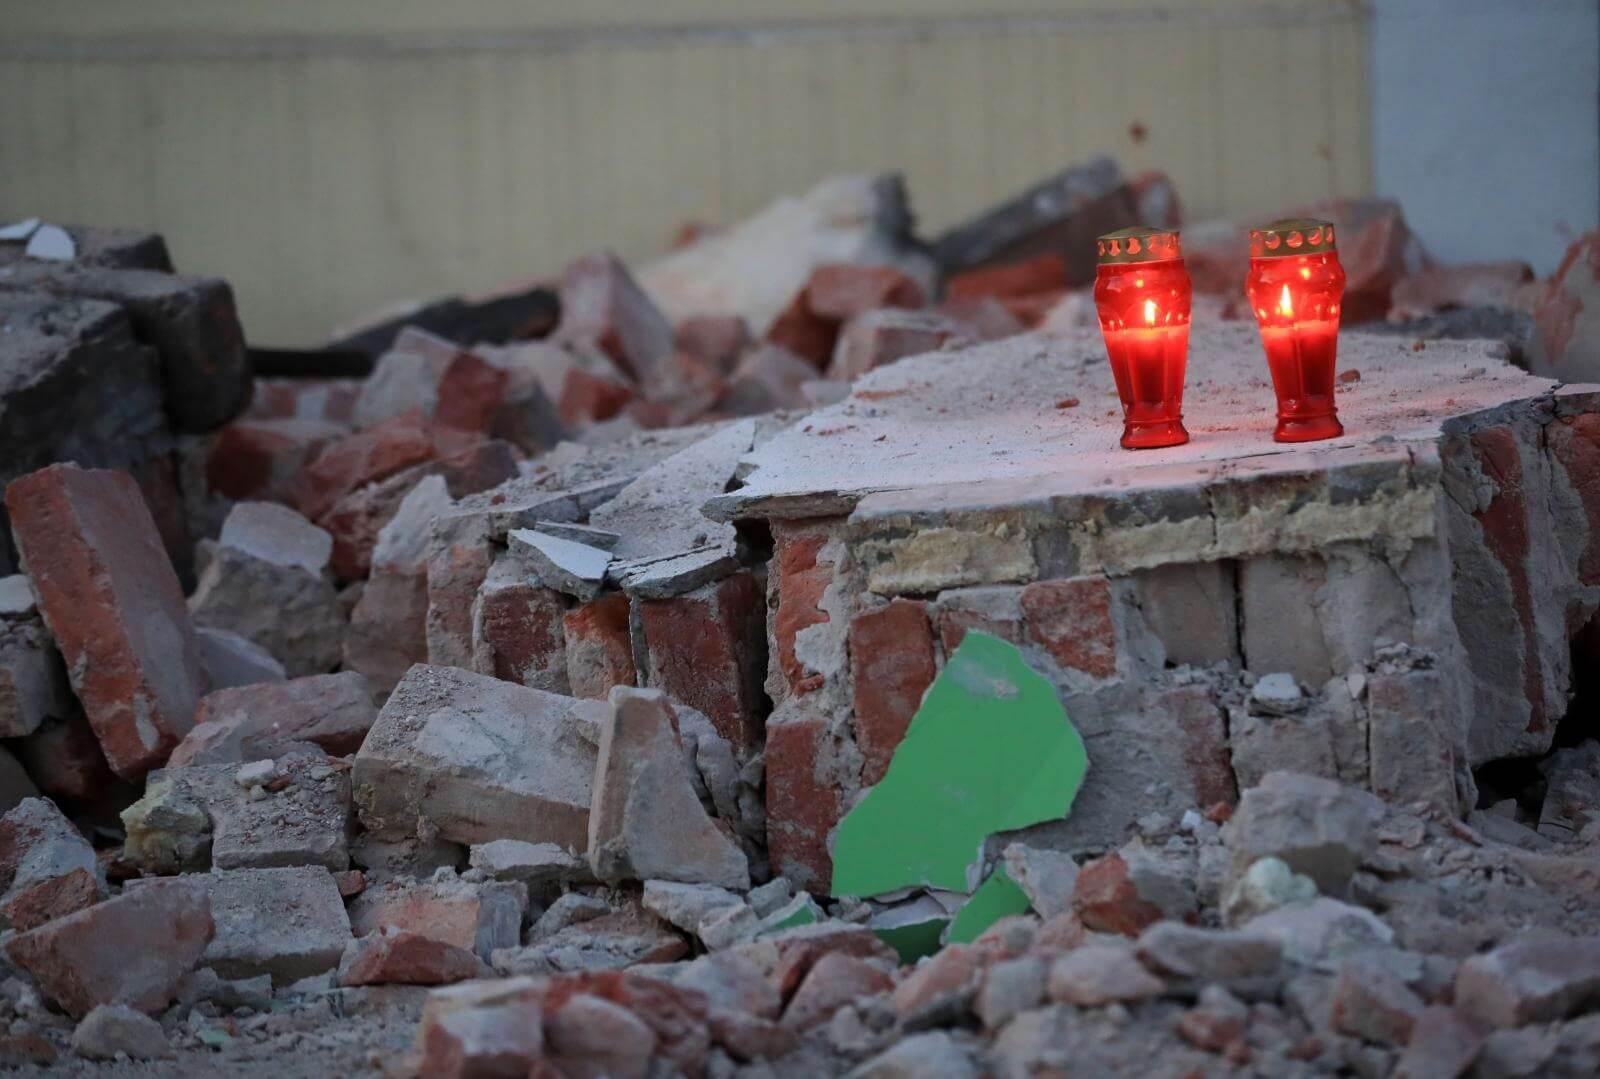 Posljednje zbogom učenici preminuloj u potresu: 'Bila je toliko velikodušna, imala je tako veliko srce'